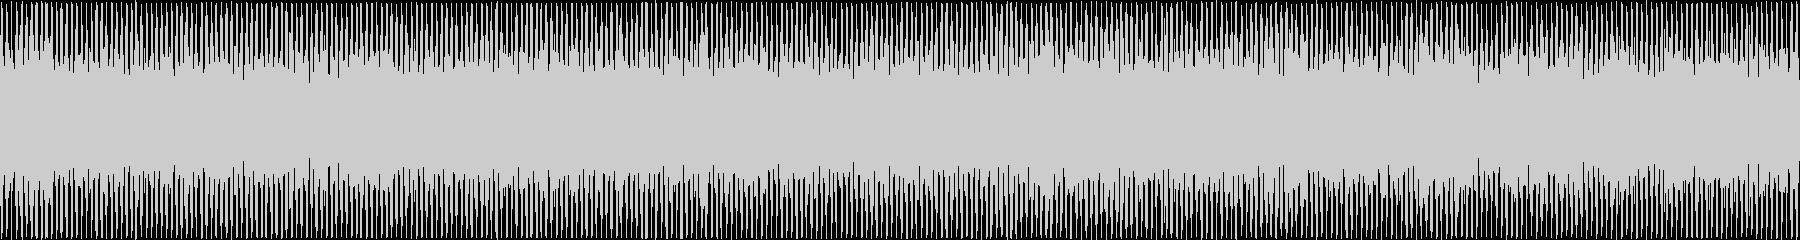 ザァー(FMラジオのノイズD)ループ処理の未再生の波形